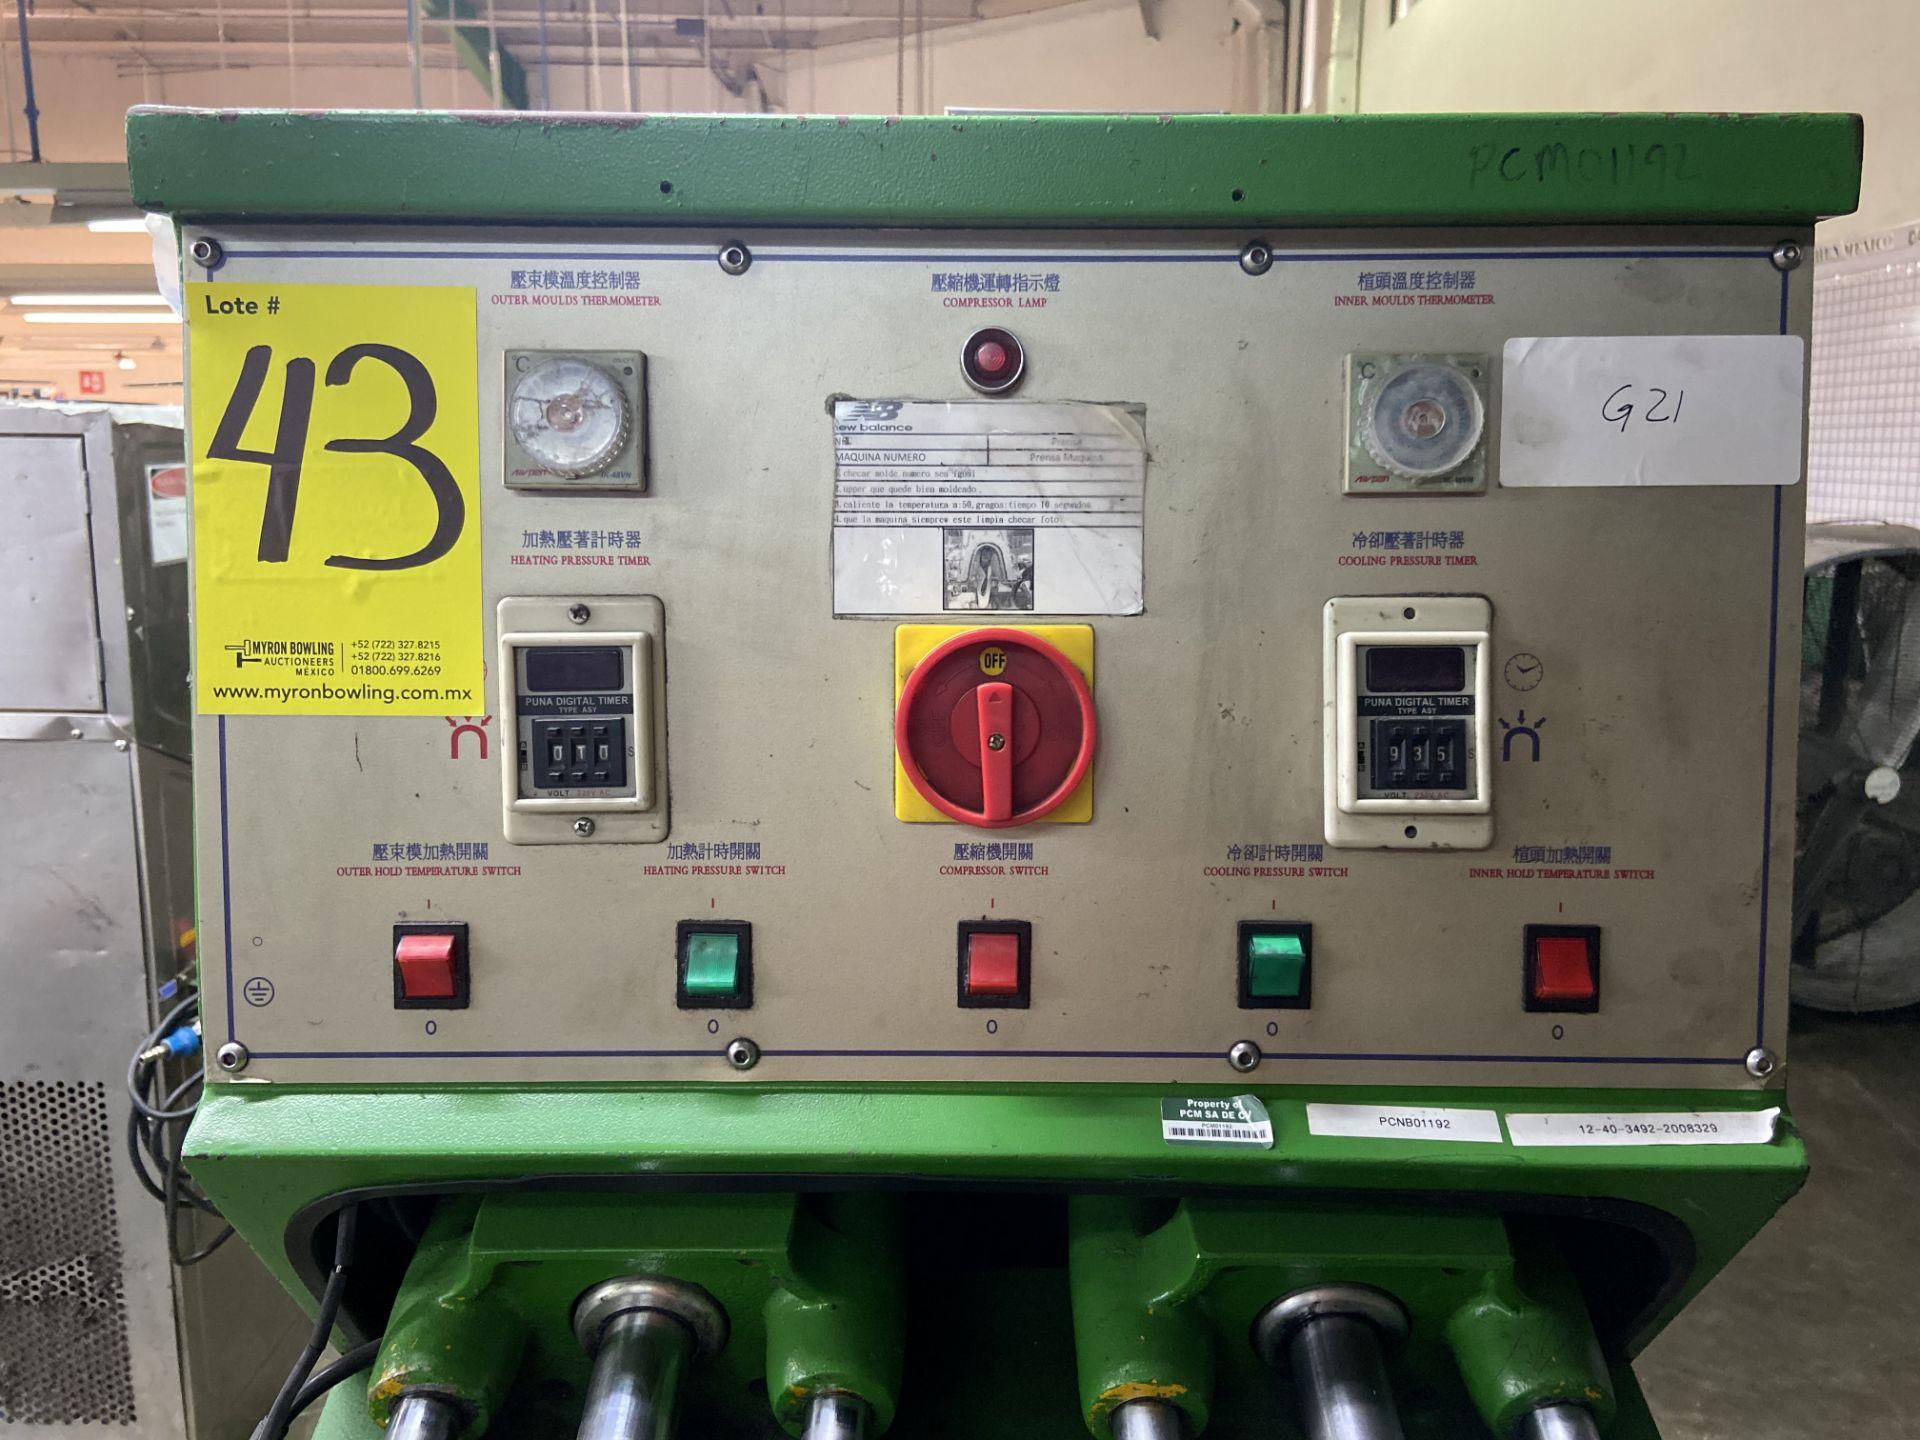 Lot 43 - Prensa para moldeado de talón caliente/frio marca True-Ten, Modelo: YK-666HC